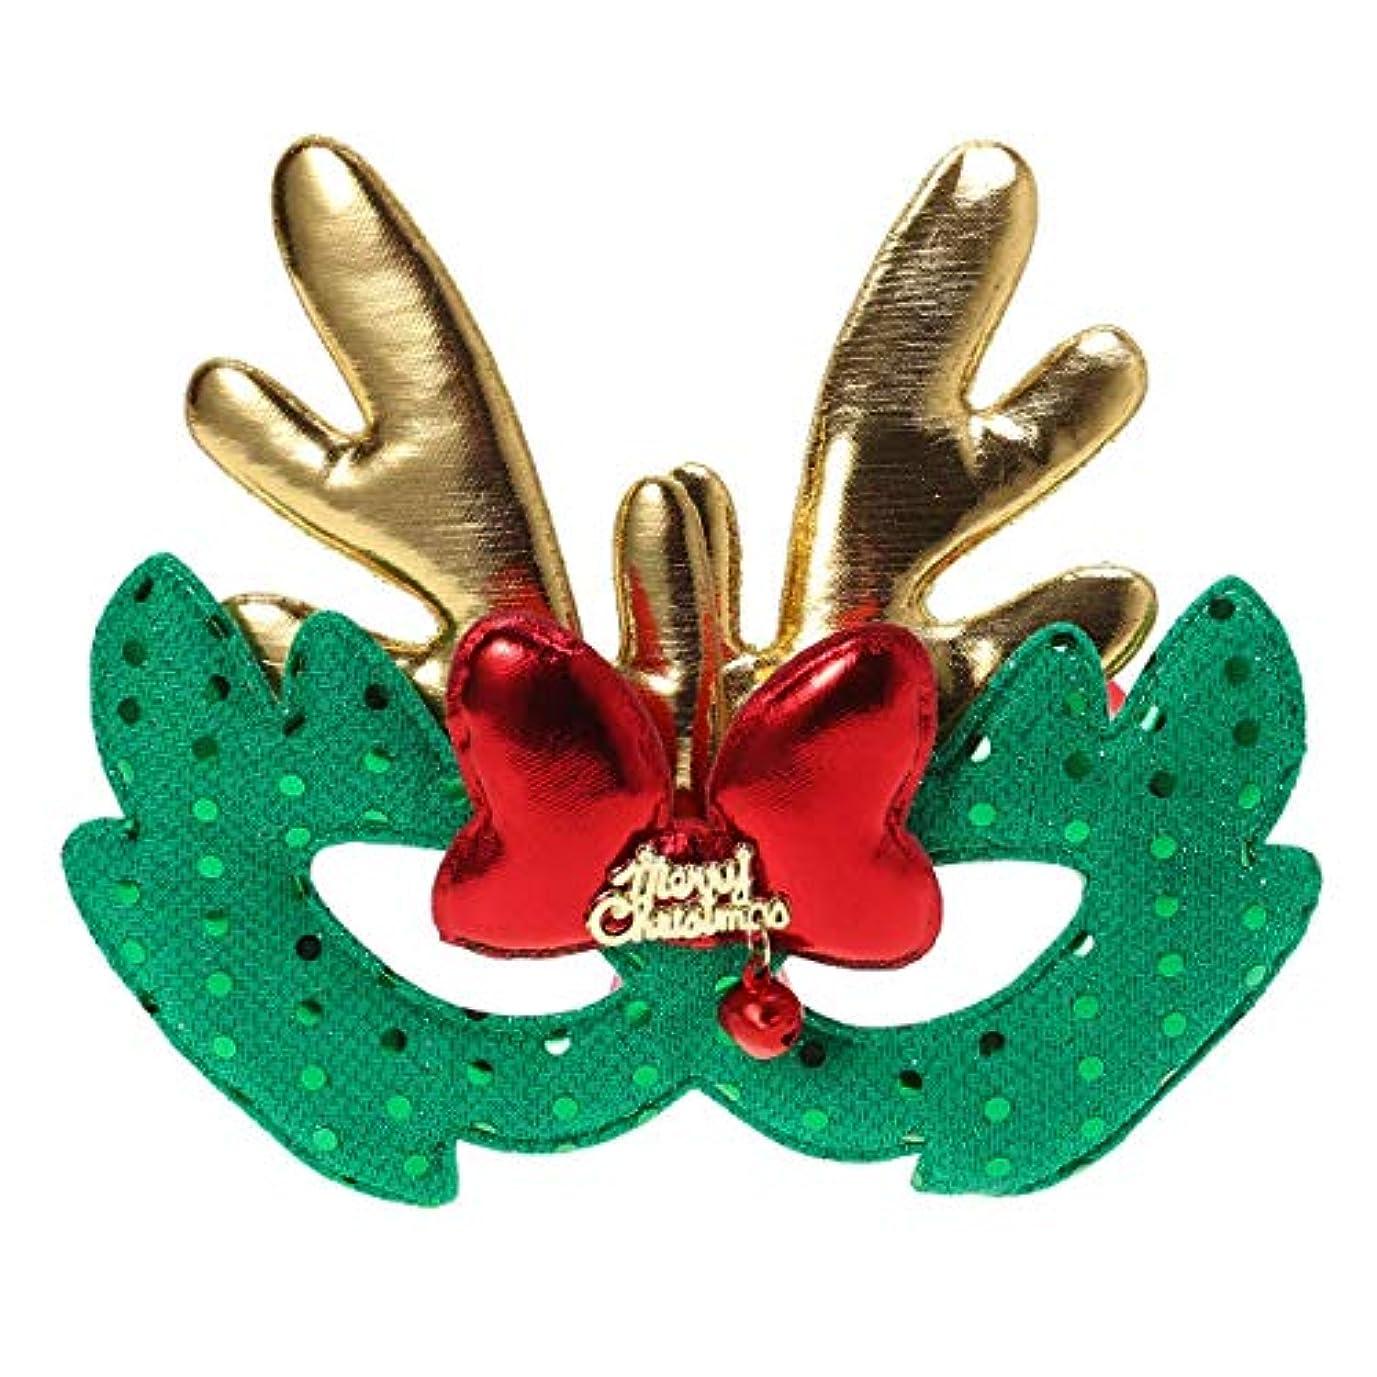 サーバ知覚的分析的なBESTOYARD エルククリスマスコスチュームマスク布マスク子供大人コスプレクリスマスパーティーグリーン